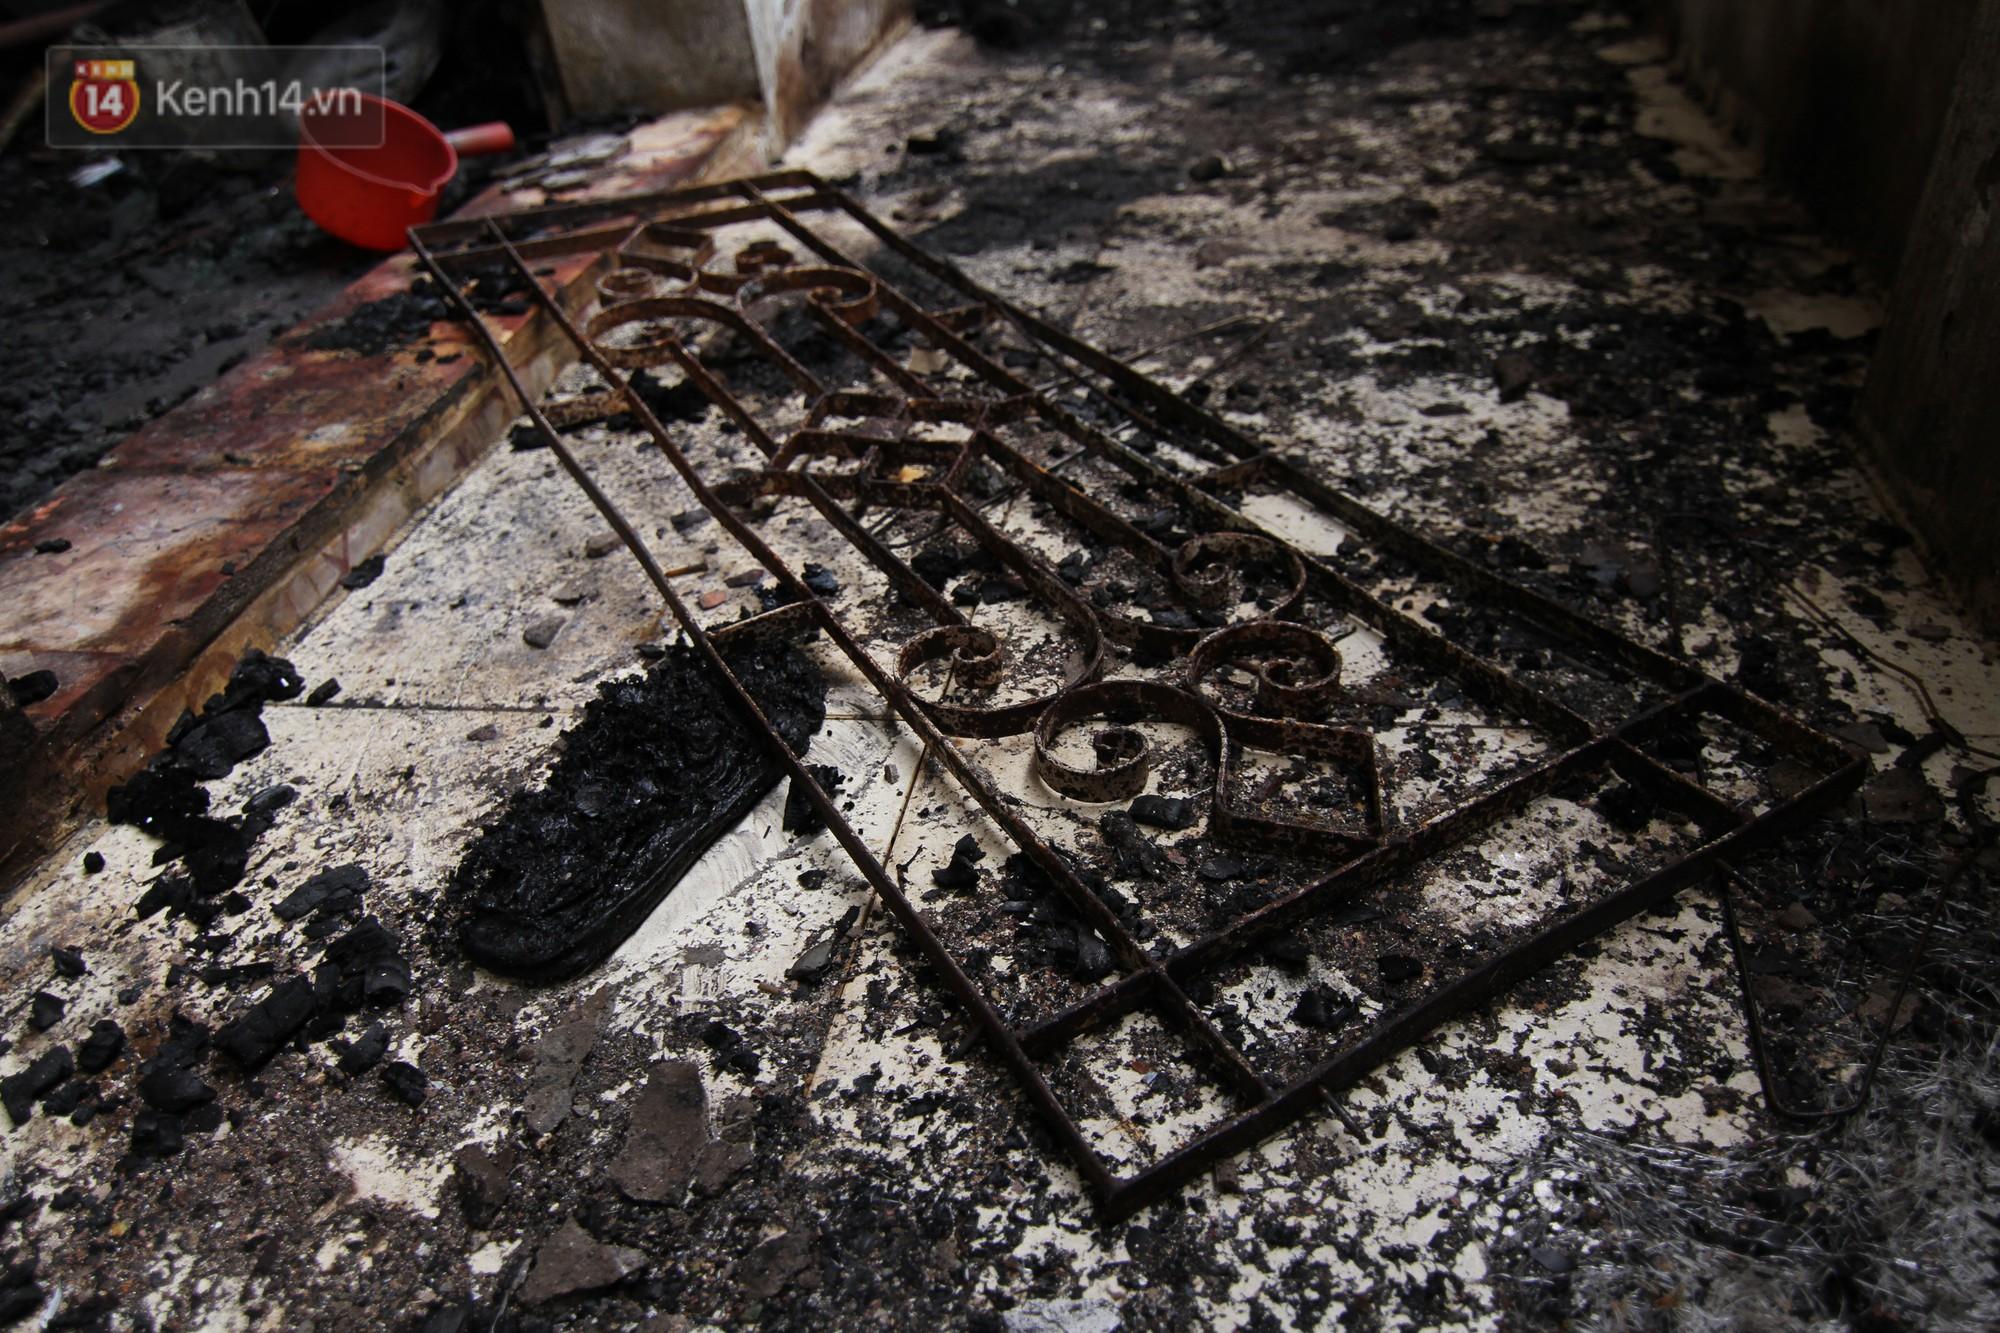 Cuộc sống tạm bợ của bệnh nhân sau vụ cháy gần Viện Nhi: Tiền tích cóp để chữa trị cháy rụi cùng giấy tờ, thuốc men 2